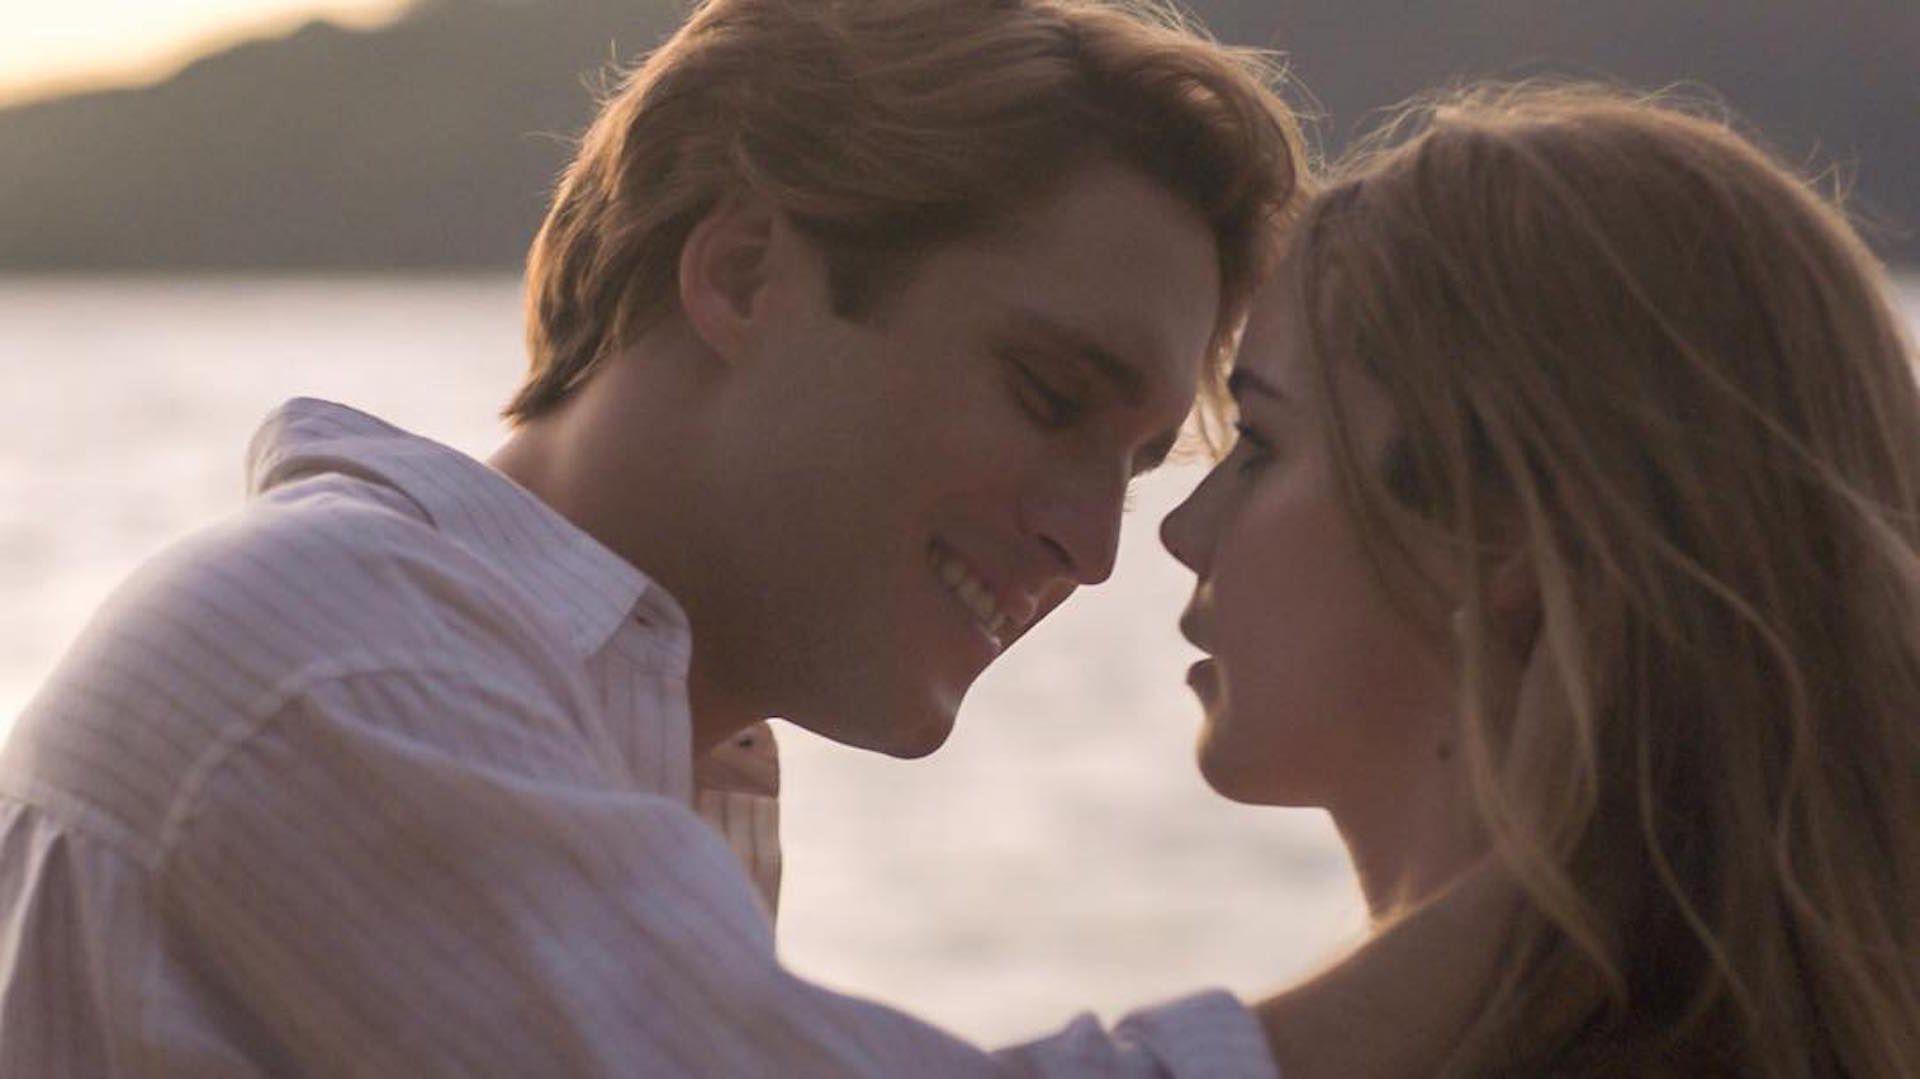 Diego Boneta y Camila Sodi en la escena del beso entre Luis Miguel y Erika.